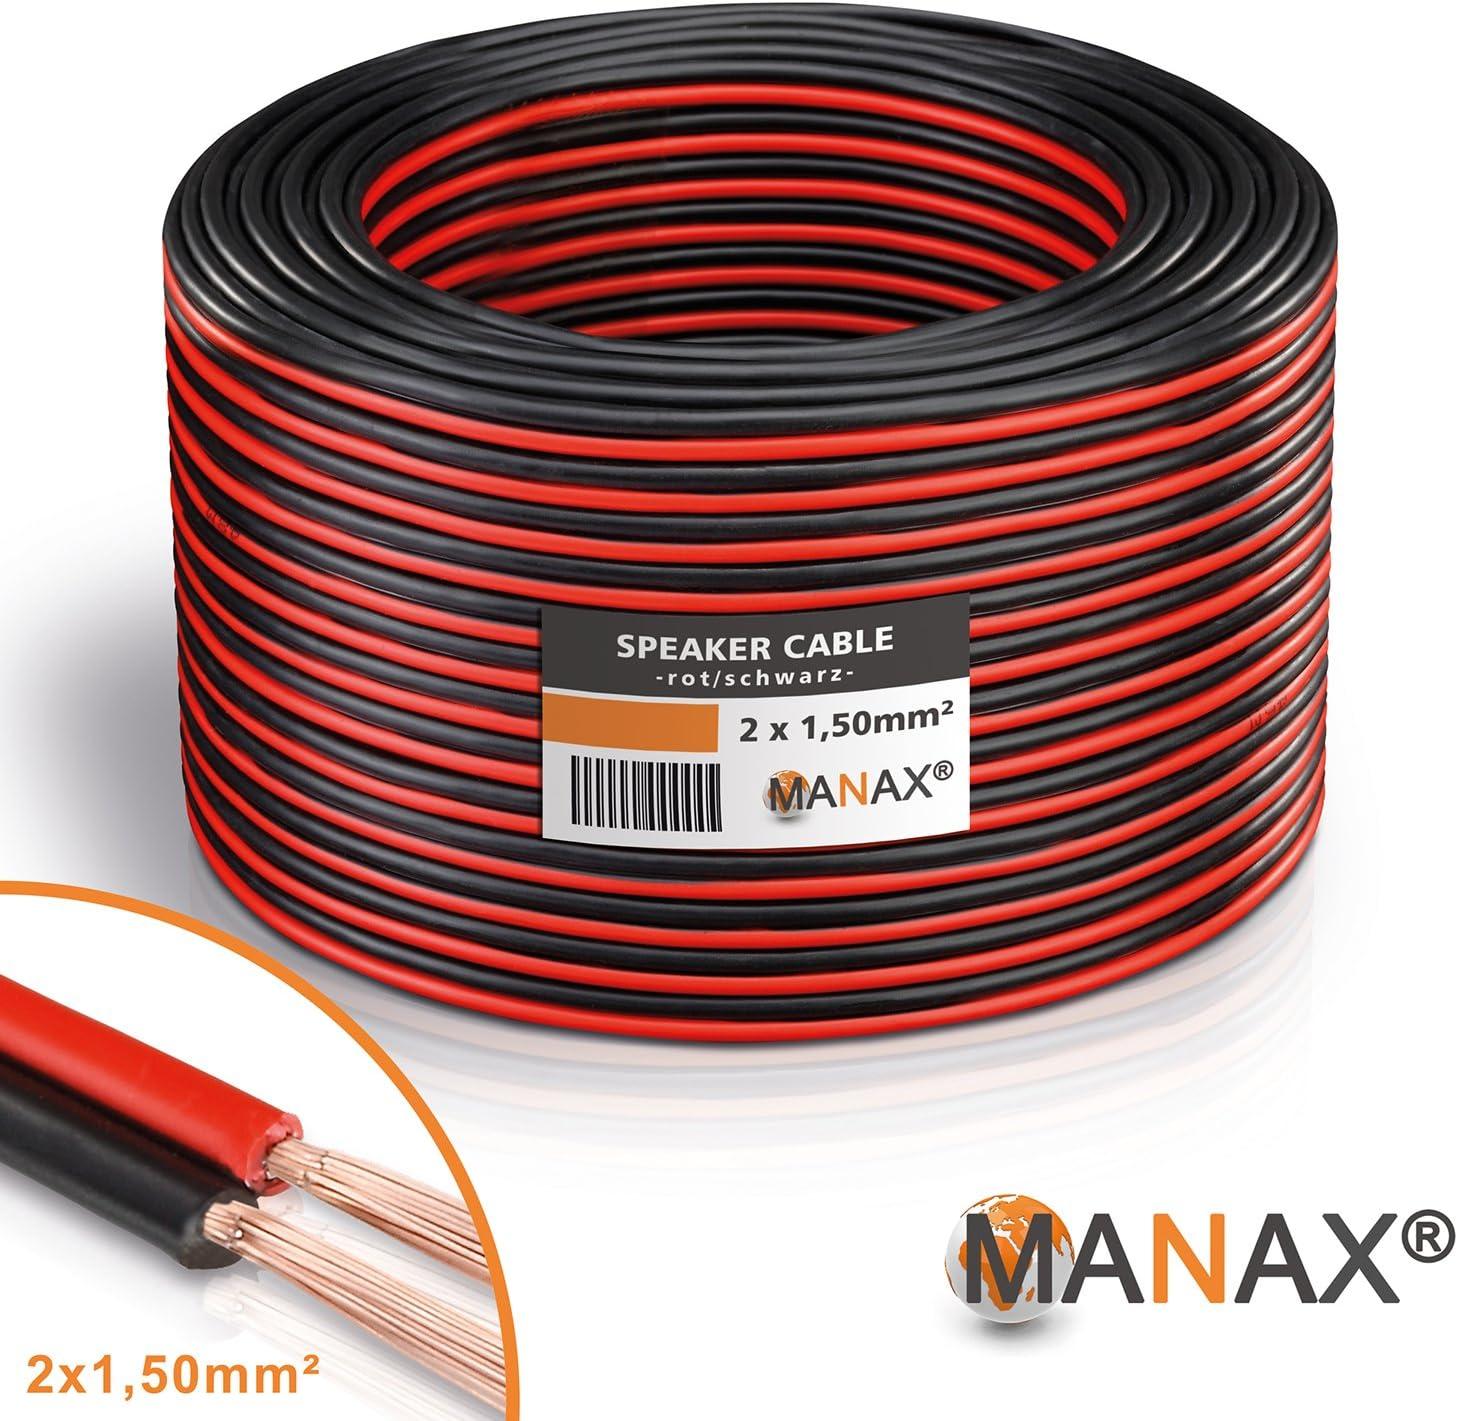 100m 2x1,5mm² Lautsprecherkabel CCA HIFI MUSIK BOXEN Speaker Cable AUDIOKABEL